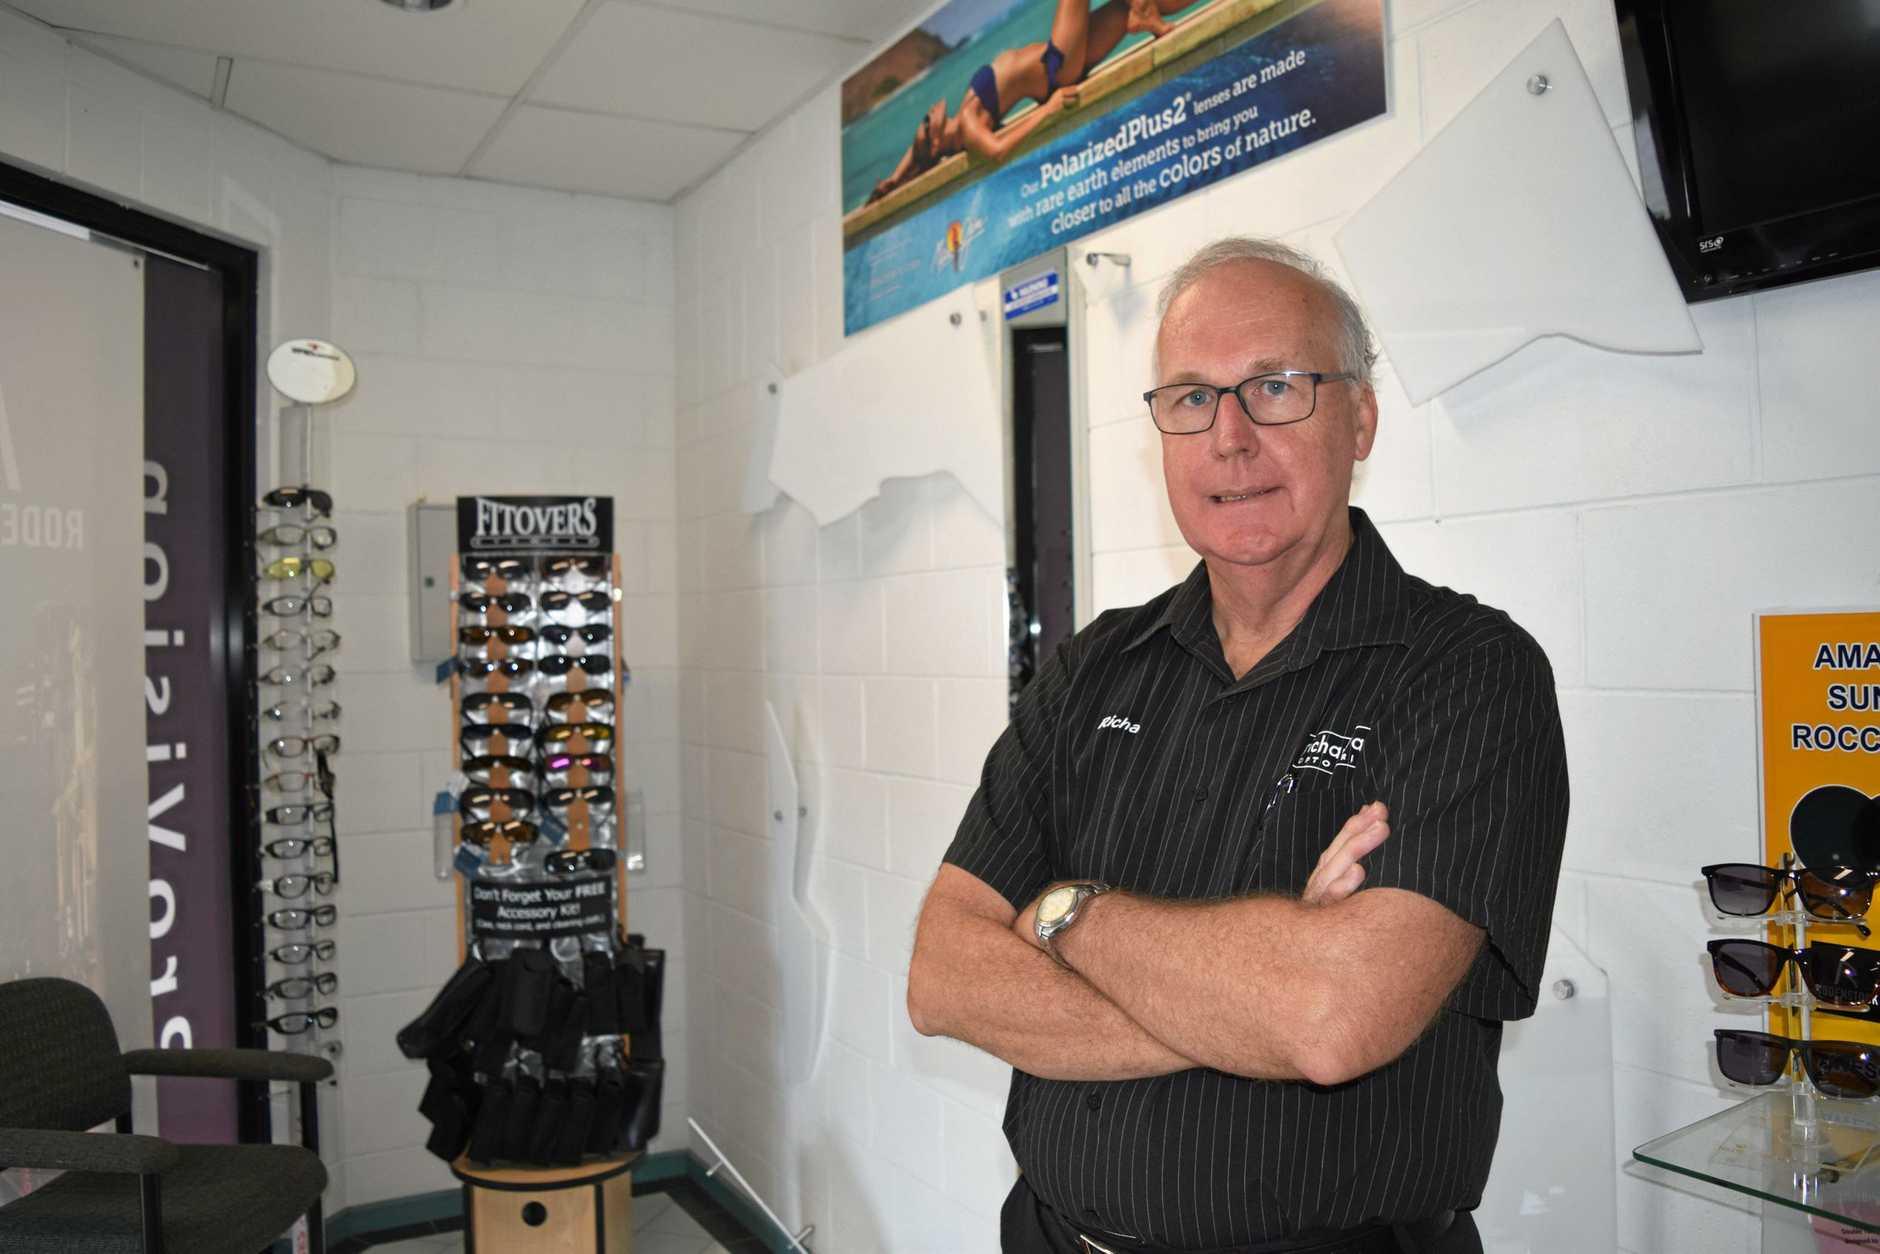 OPTOMETRIST THEFT: Thousands of dollars stolen from Richard Watt Optometrist during an overnight burglary has left the owner, Richard Watt, devastated.